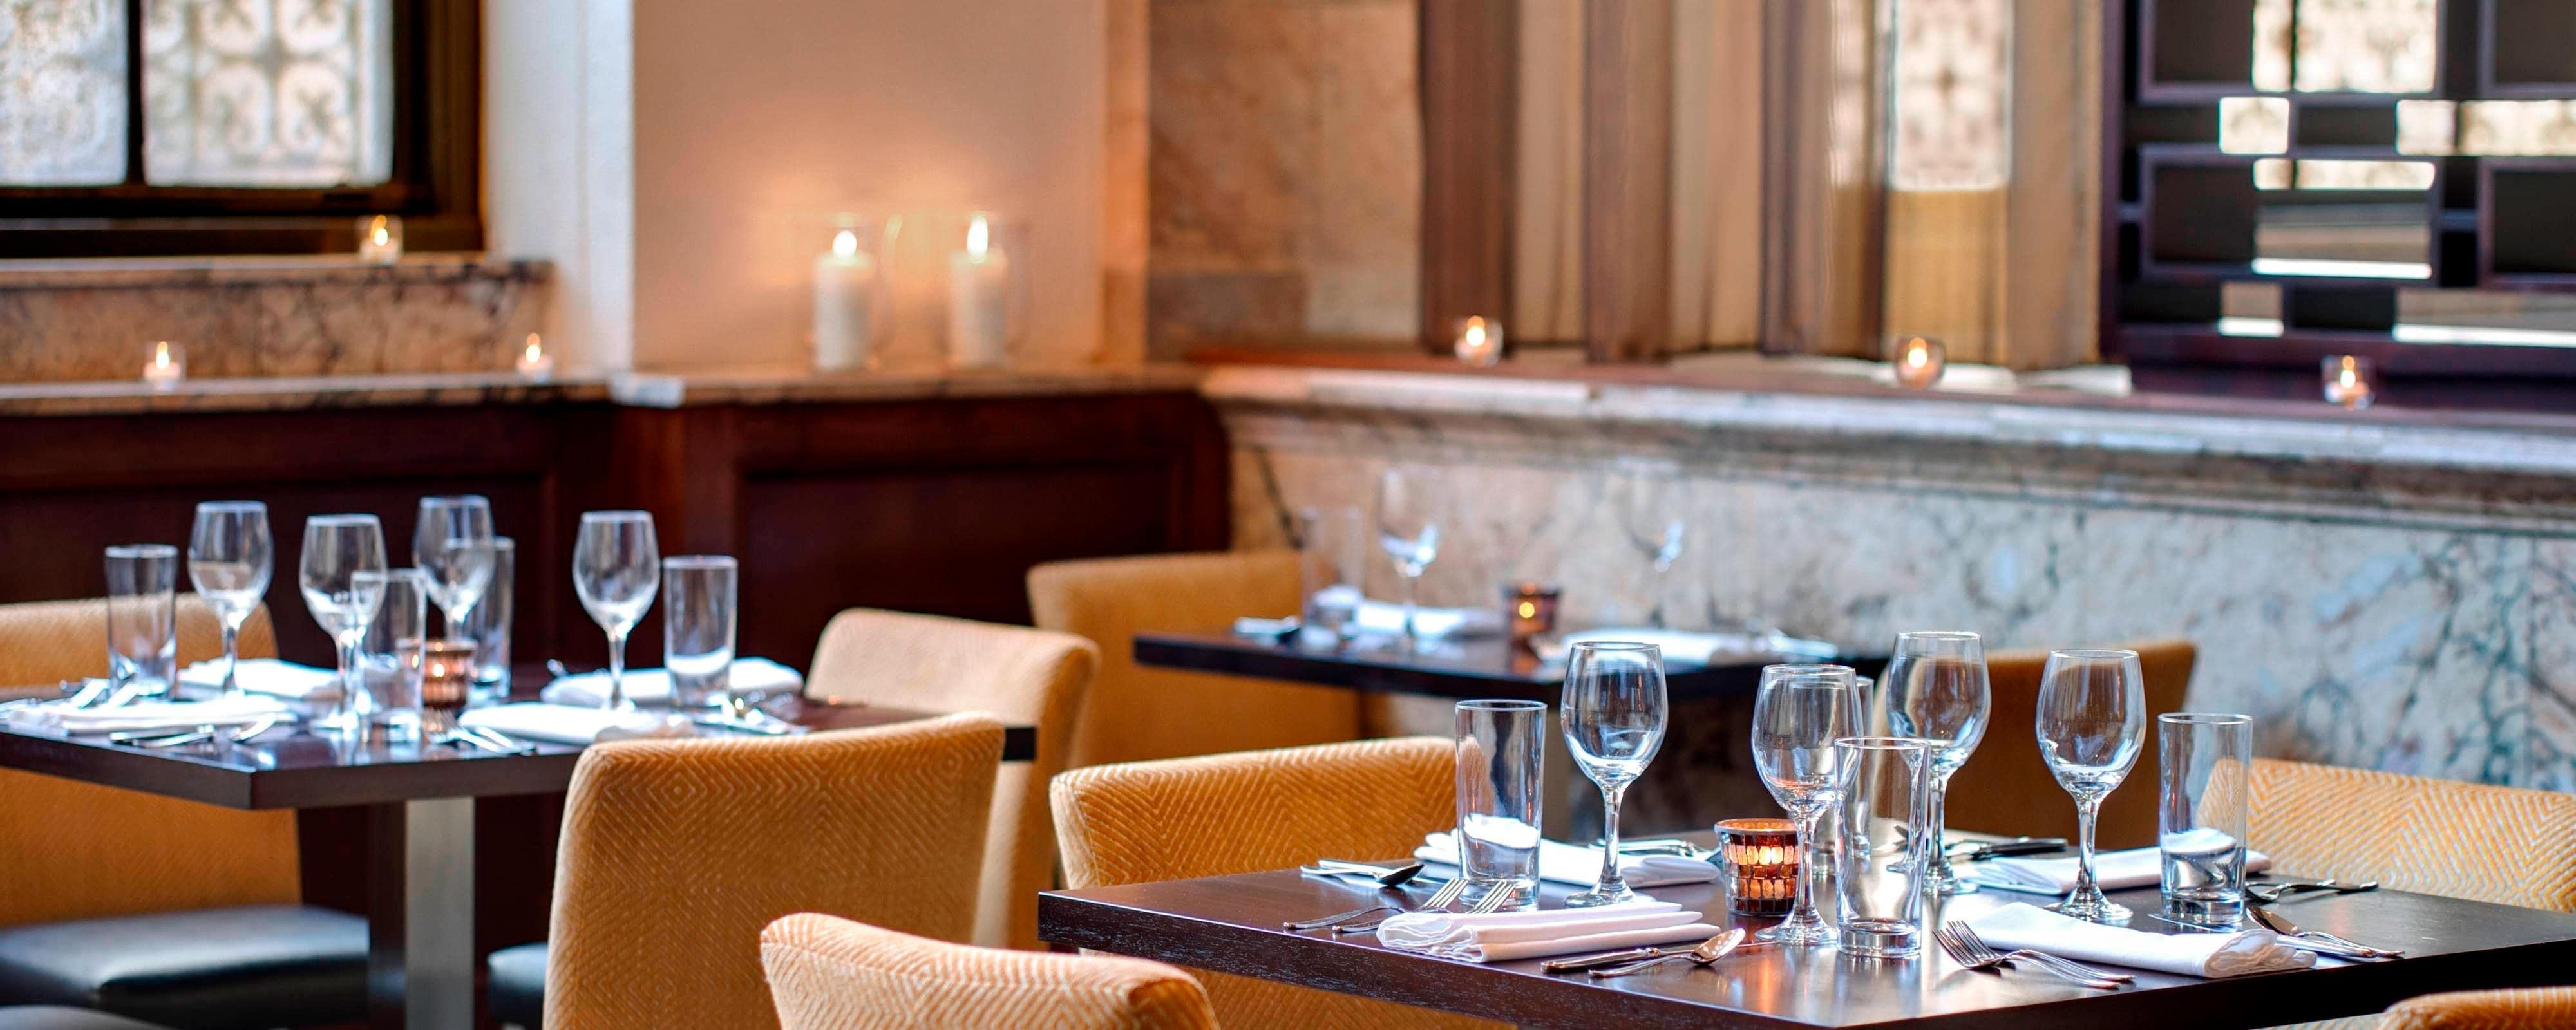 Restaurants In Mission Valley San Diego Best Restaurants